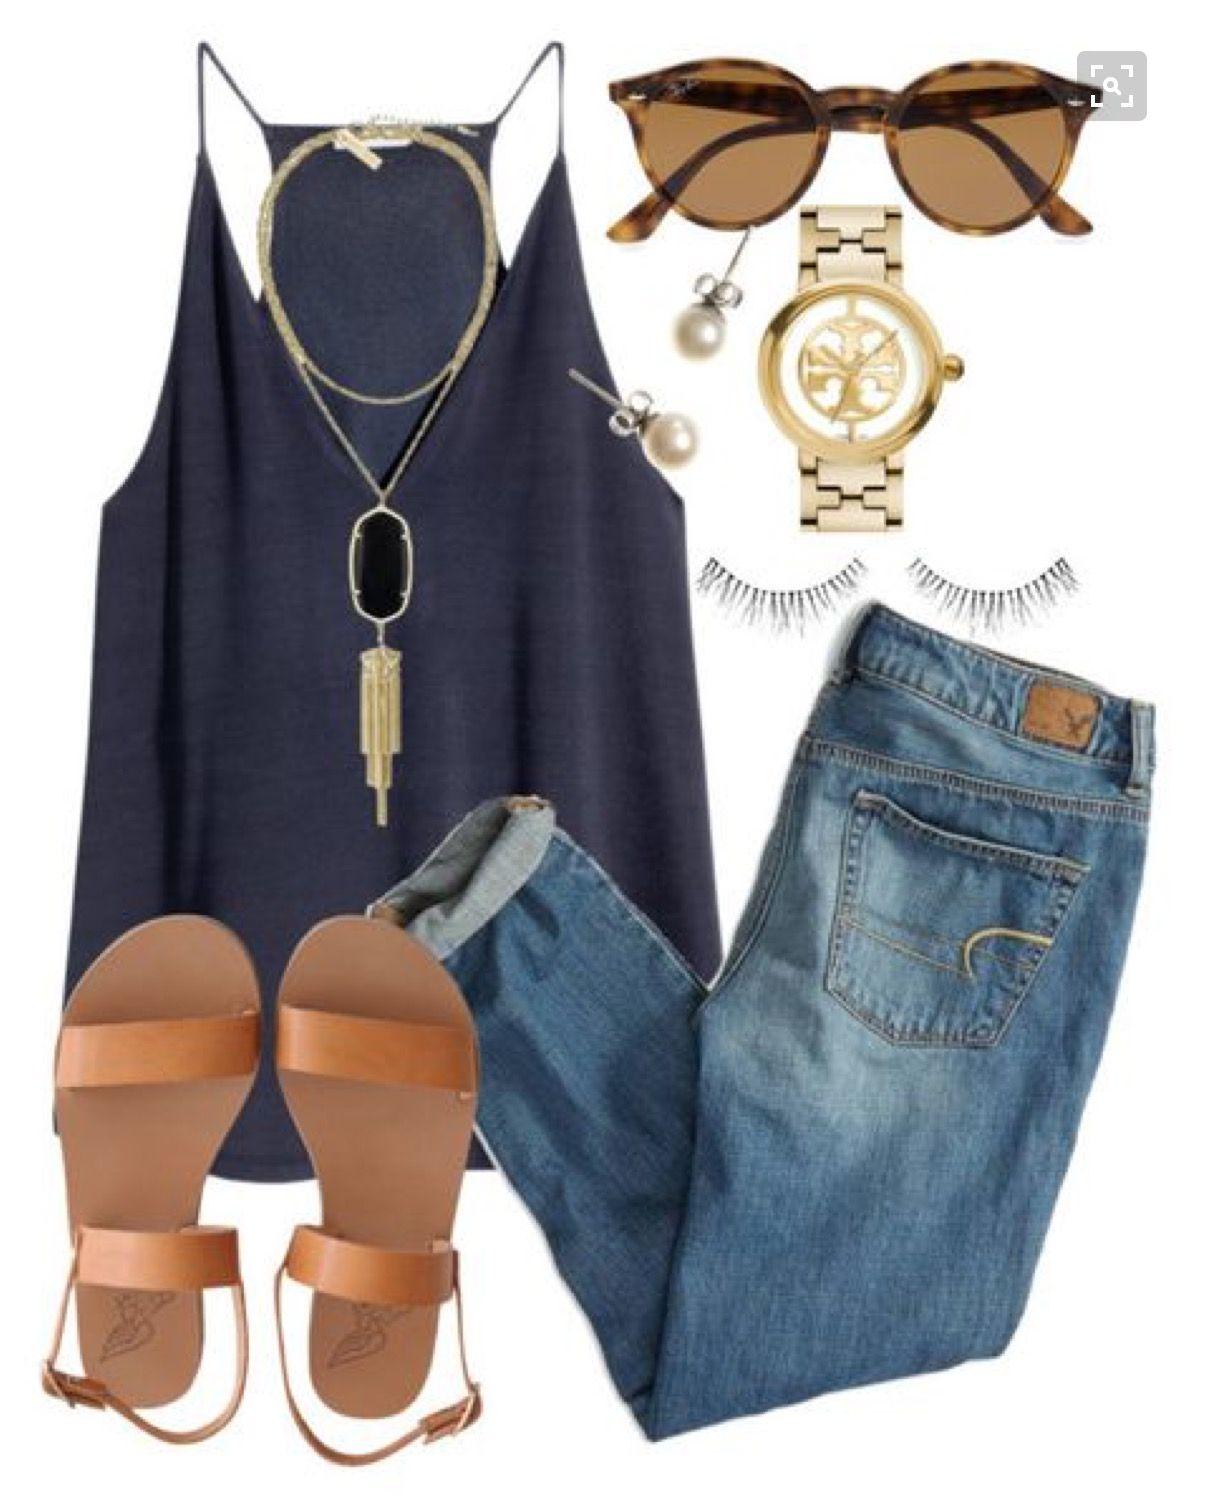 Para la primavera, las sandalias cafés, los jeans apretados, las gafas de sol caras, la camiseta sin mangas azul, y los aretes hermosos. Cuesta 203€ / $217.23 Clavado por: Megan Day